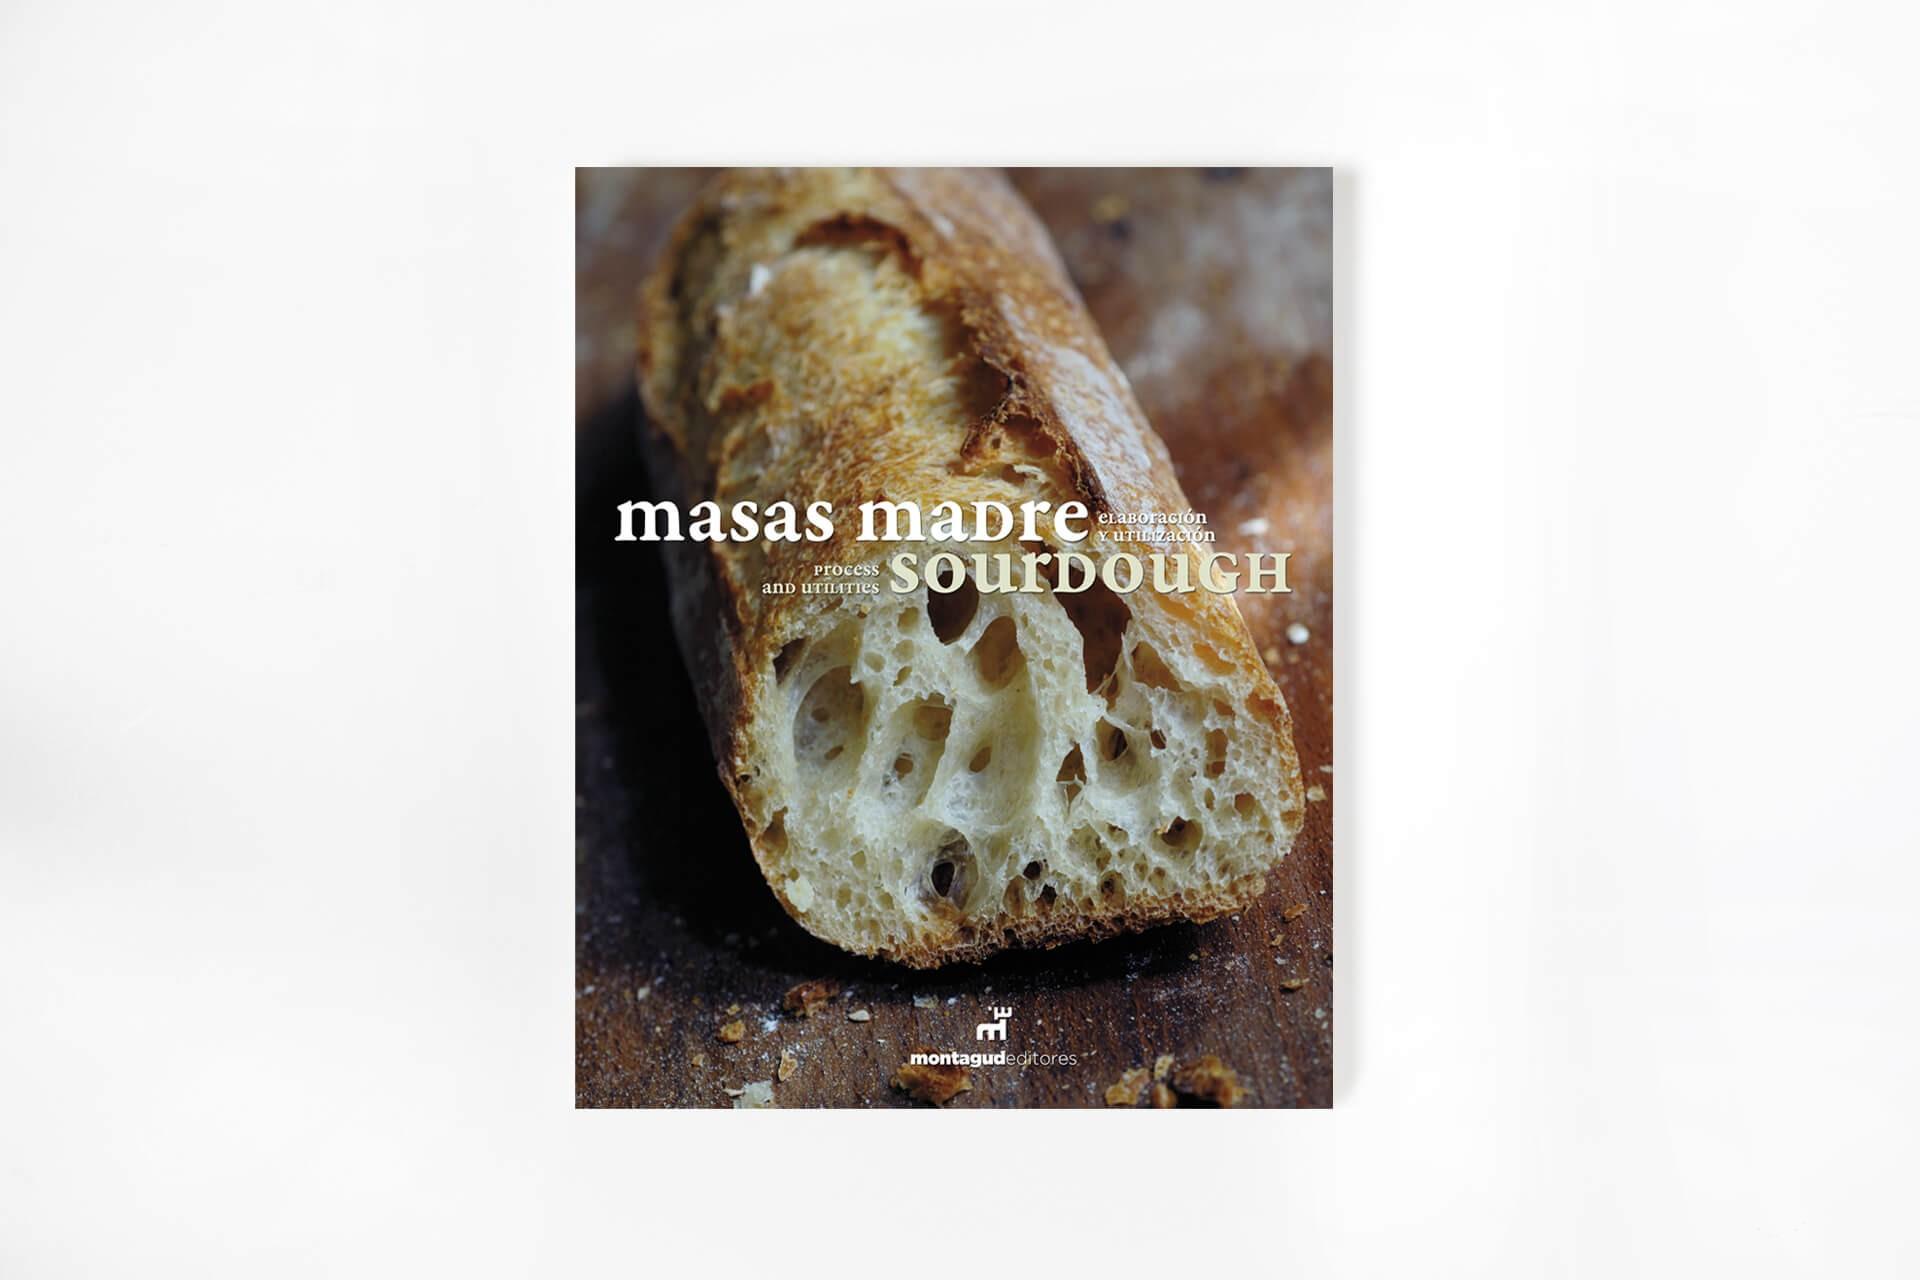 MASAS_MADRE_l